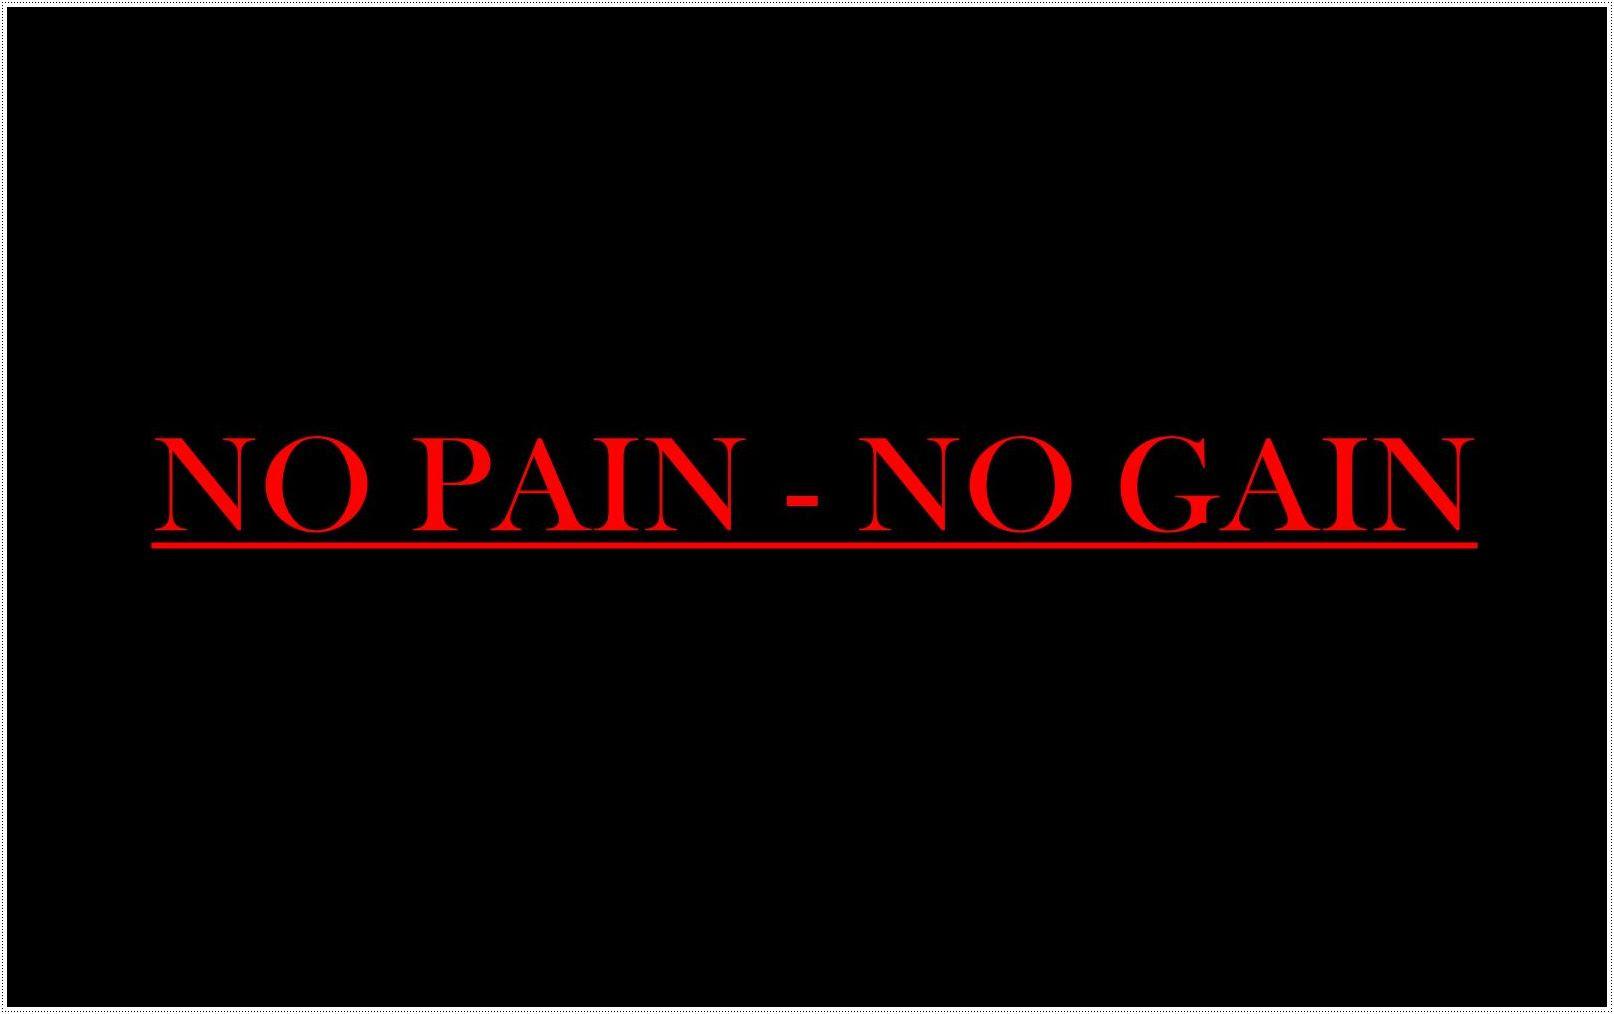 No Pain No Gain Quotes Hd Wallpaper 06289 Wallpaperspick Com